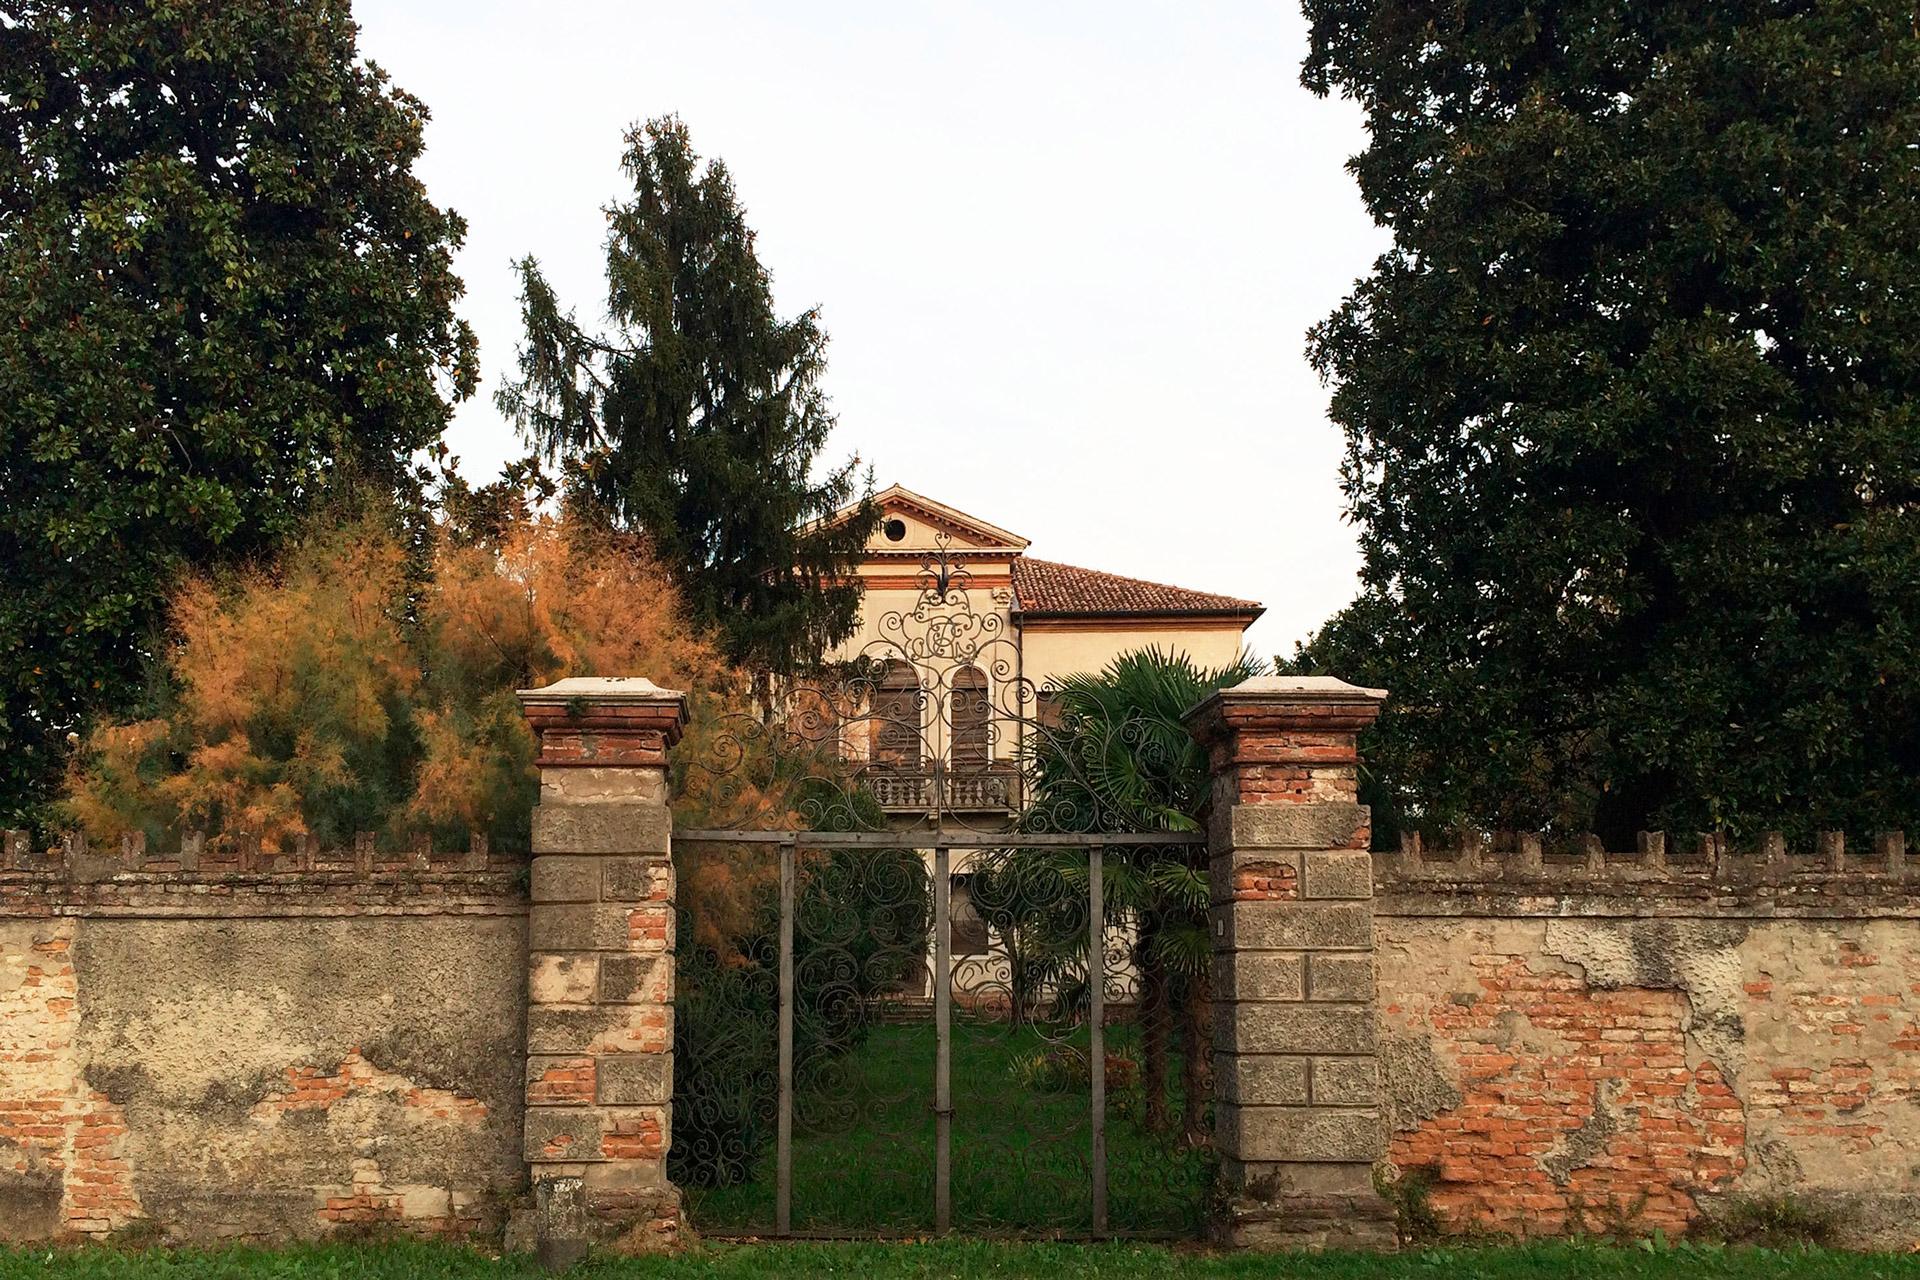 Cartura_Villa Amistà